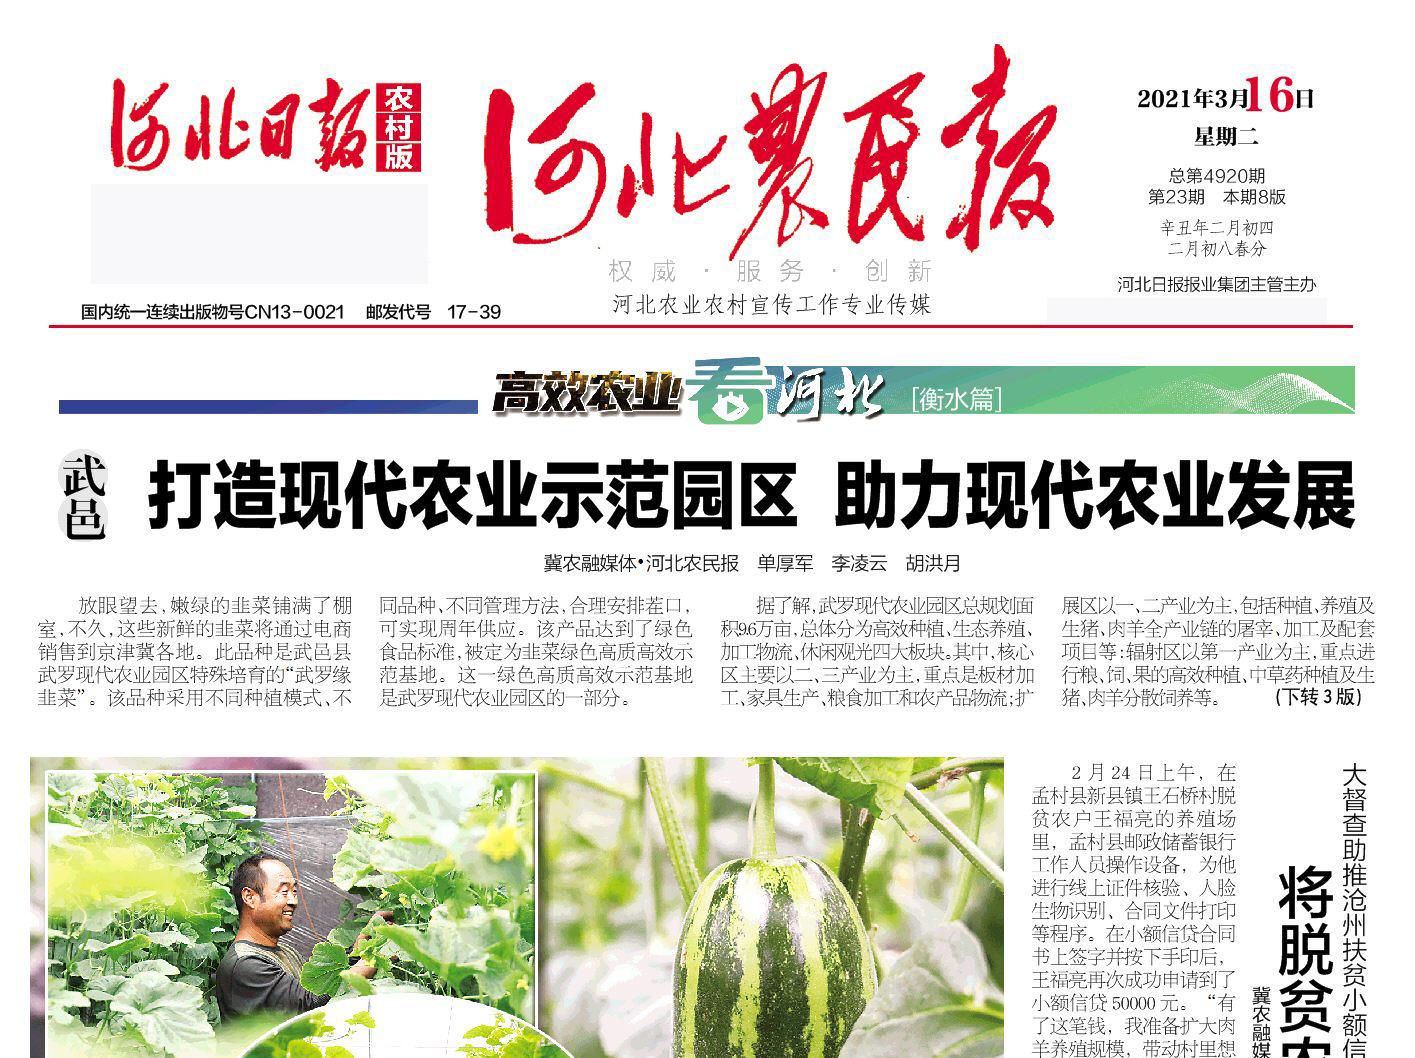 河北农民报社登报热线